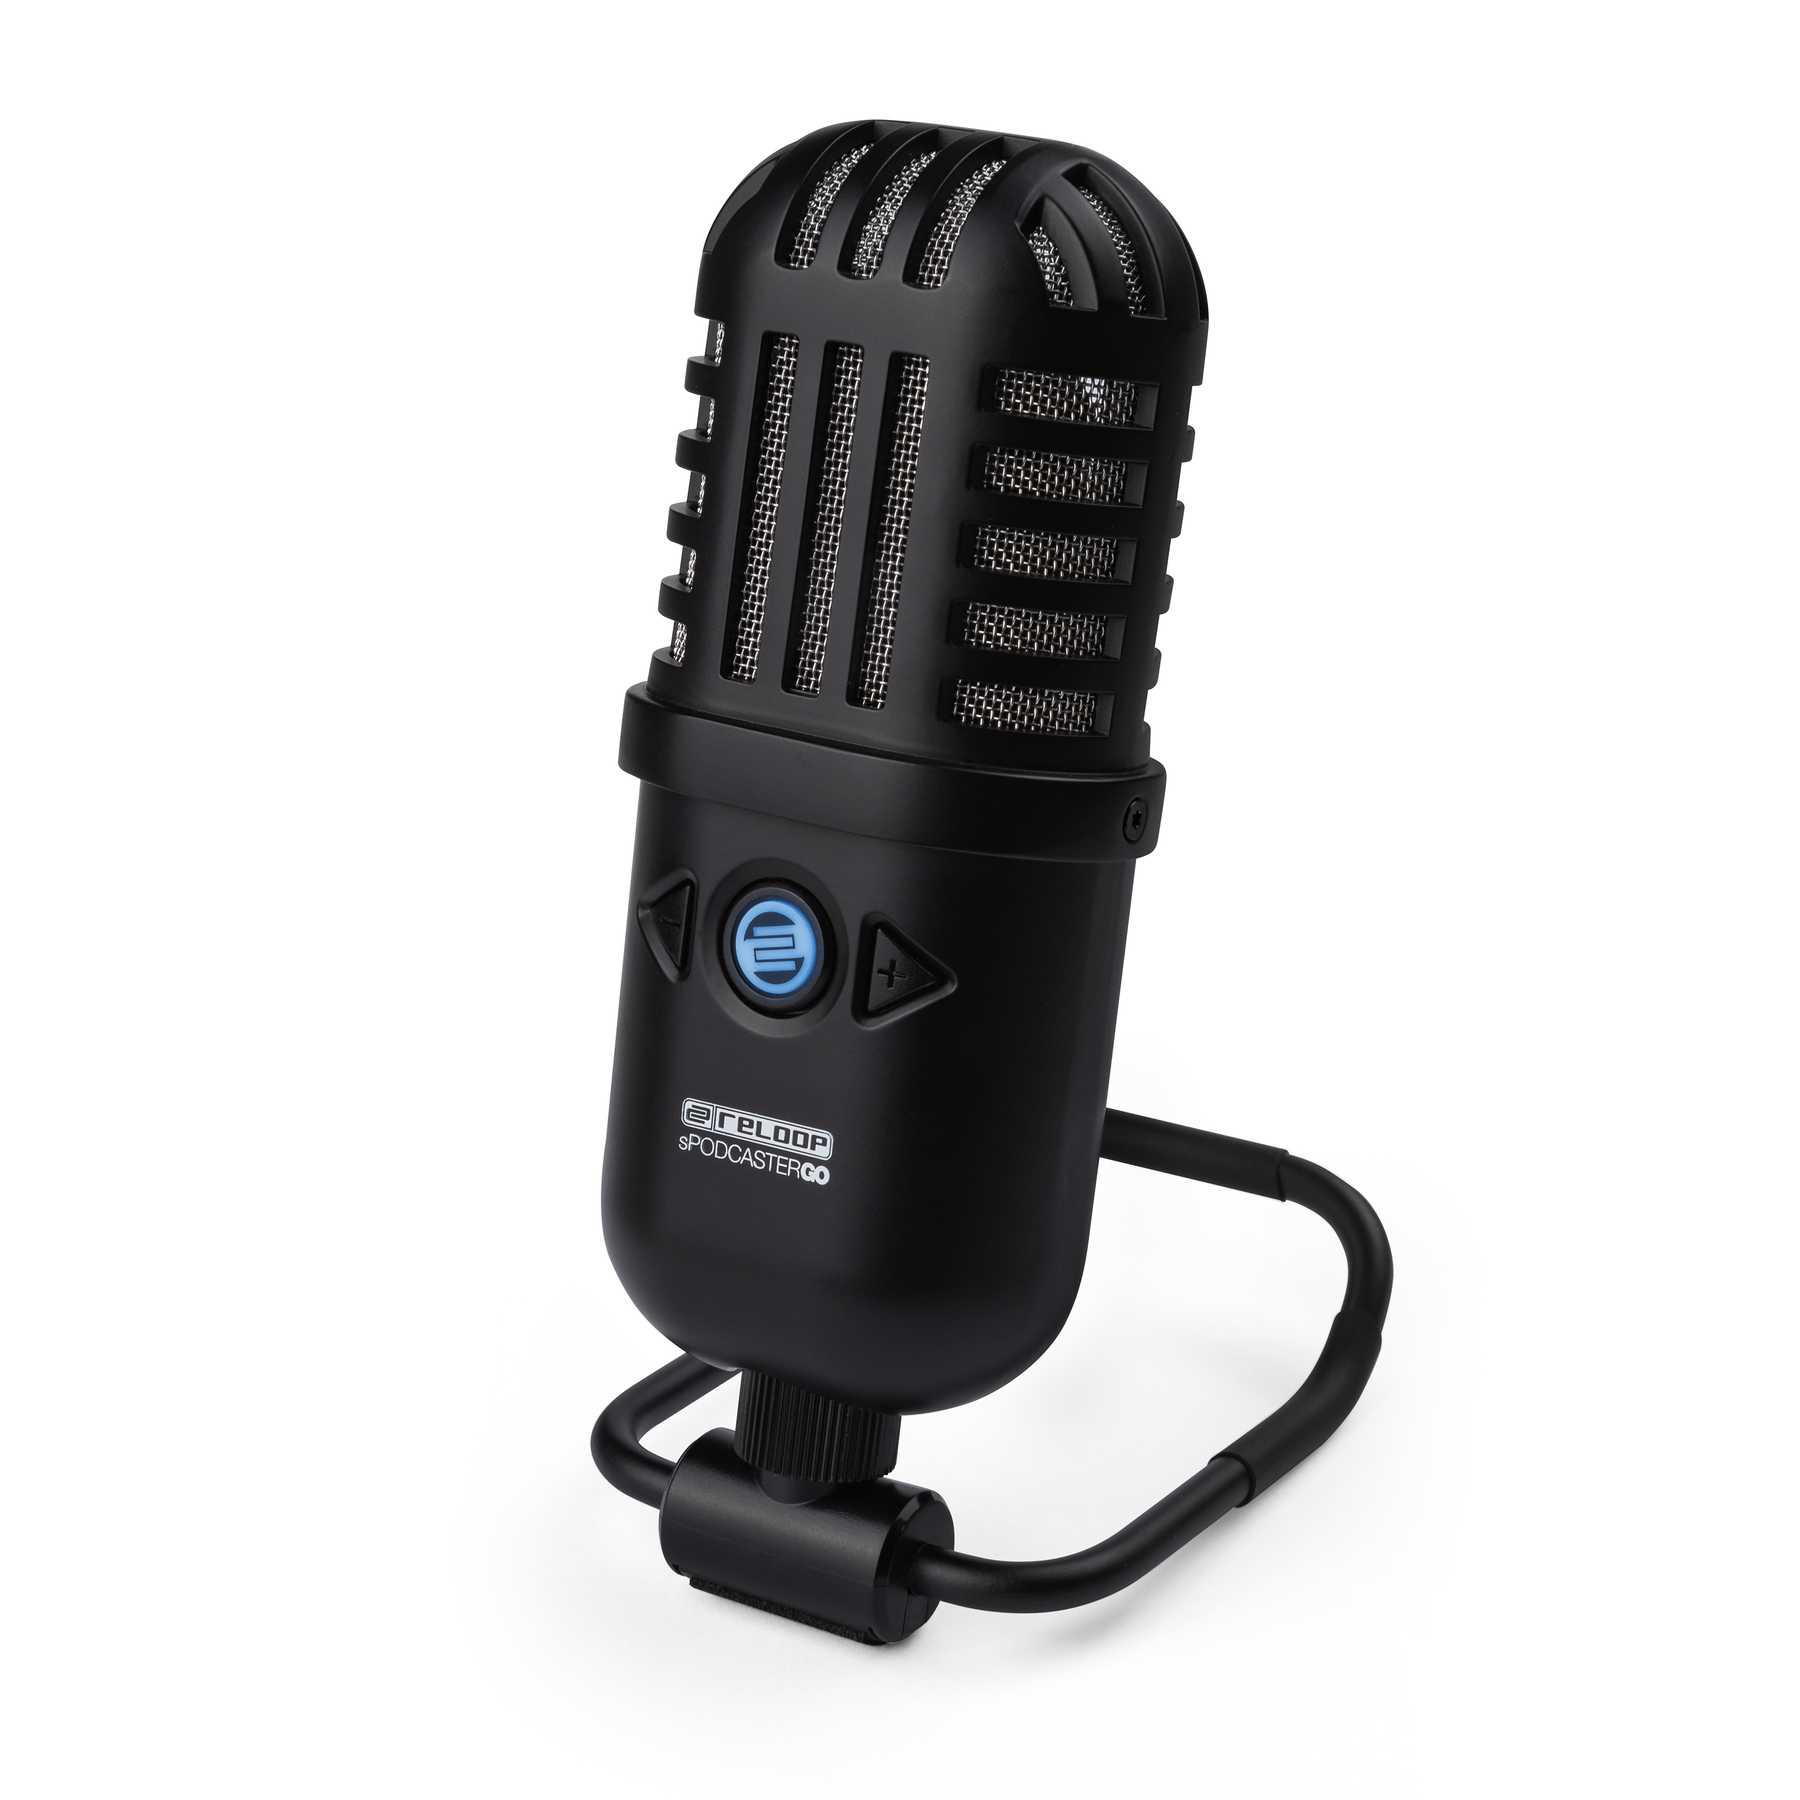 配信や録音に最適なプロフェッショナルUSBマイクReloop sPodcaster Go